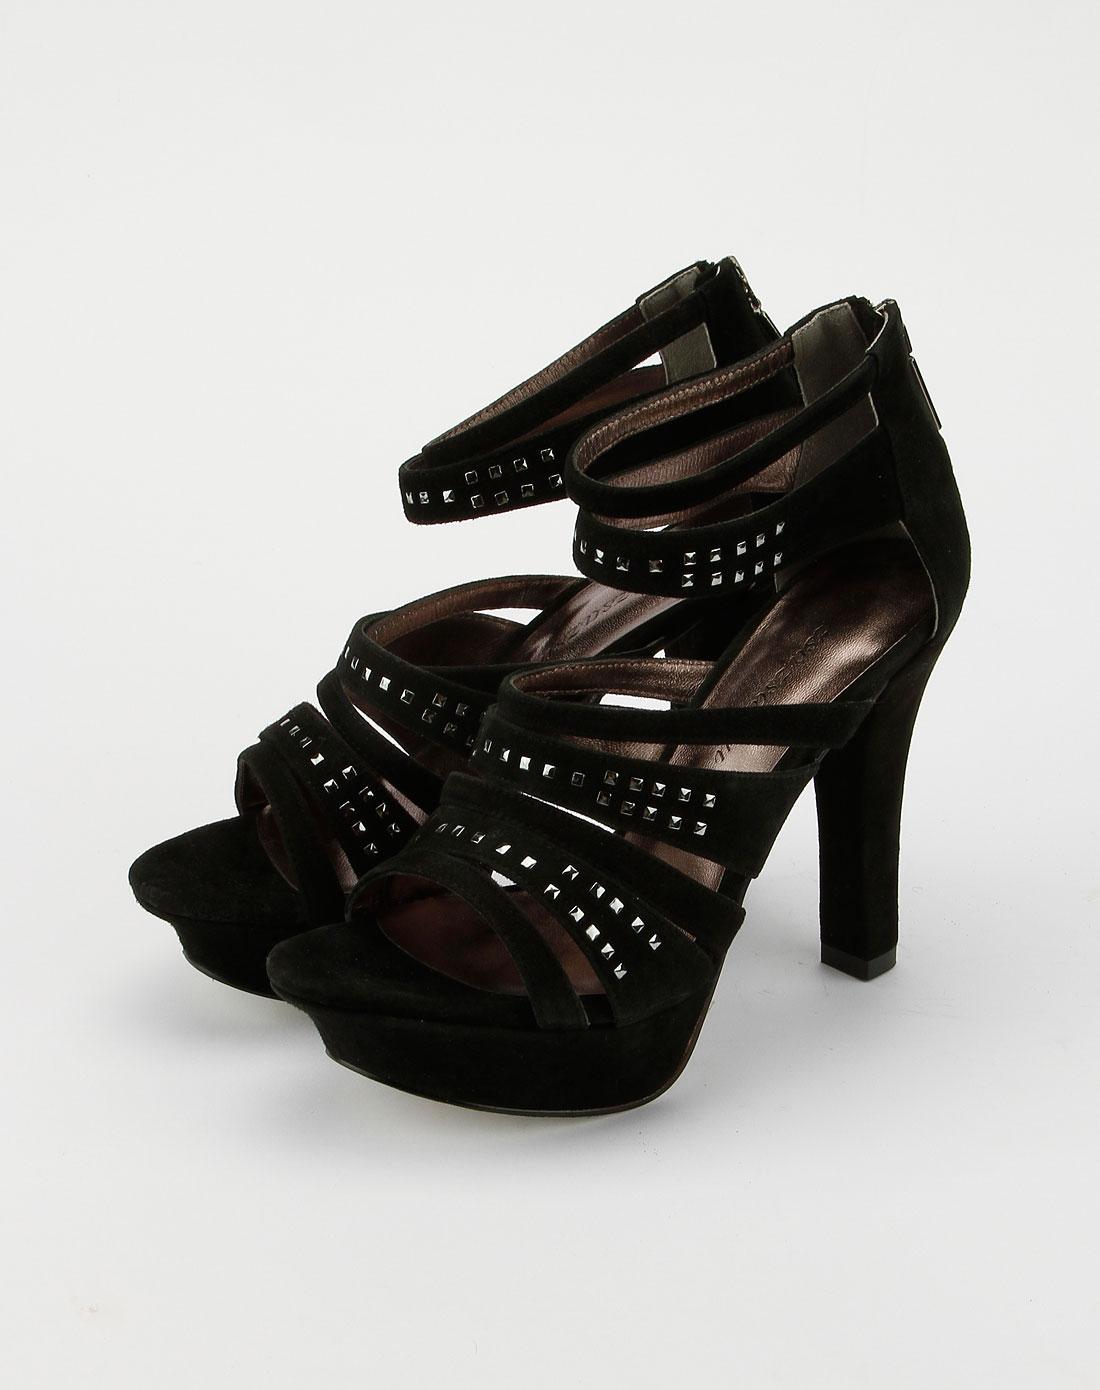 zsazsazsu 黑色铆钉高跟凉鞋